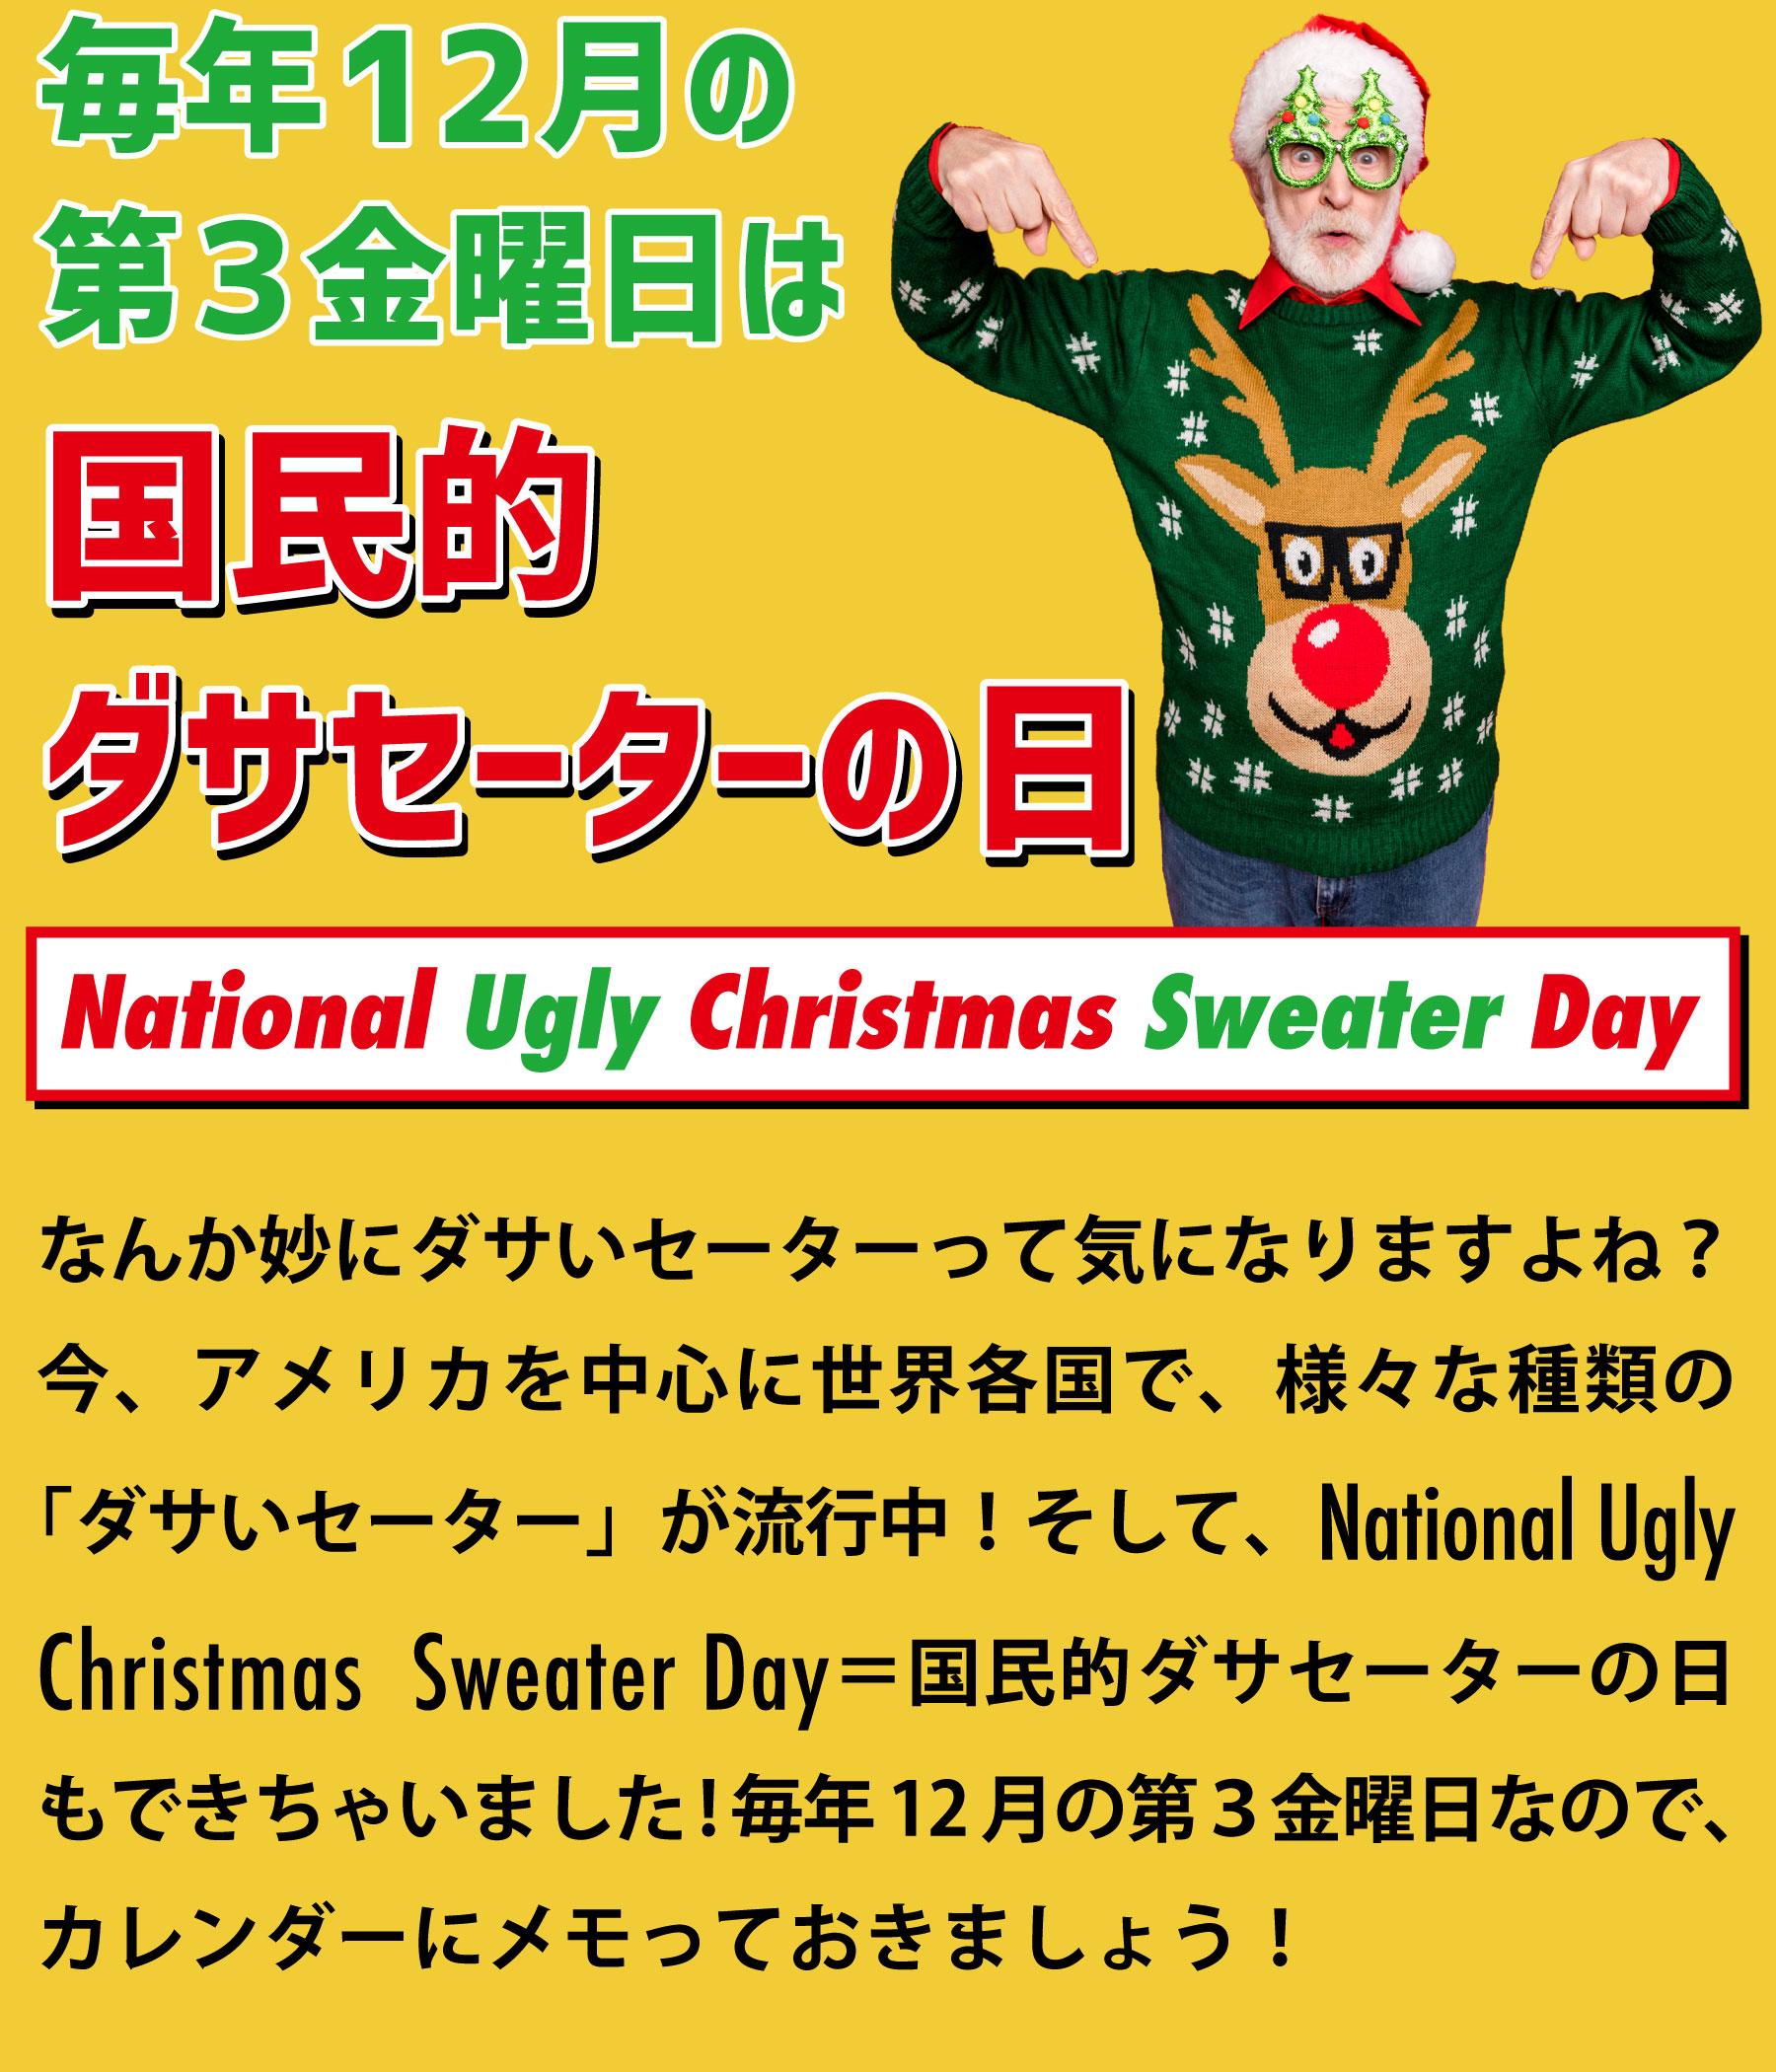 なんか妙にダサいセーターって気になりますよね?今、アメリカを中心に世界各国で、様々な種類の「ダサいセーター」が流行中!そして、National Ugly Christmas Sweater Day=国民的ダサセーターの日もできちゃいました!毎年12月の第3金曜日なので、カレンダーにメモっておきましょう!